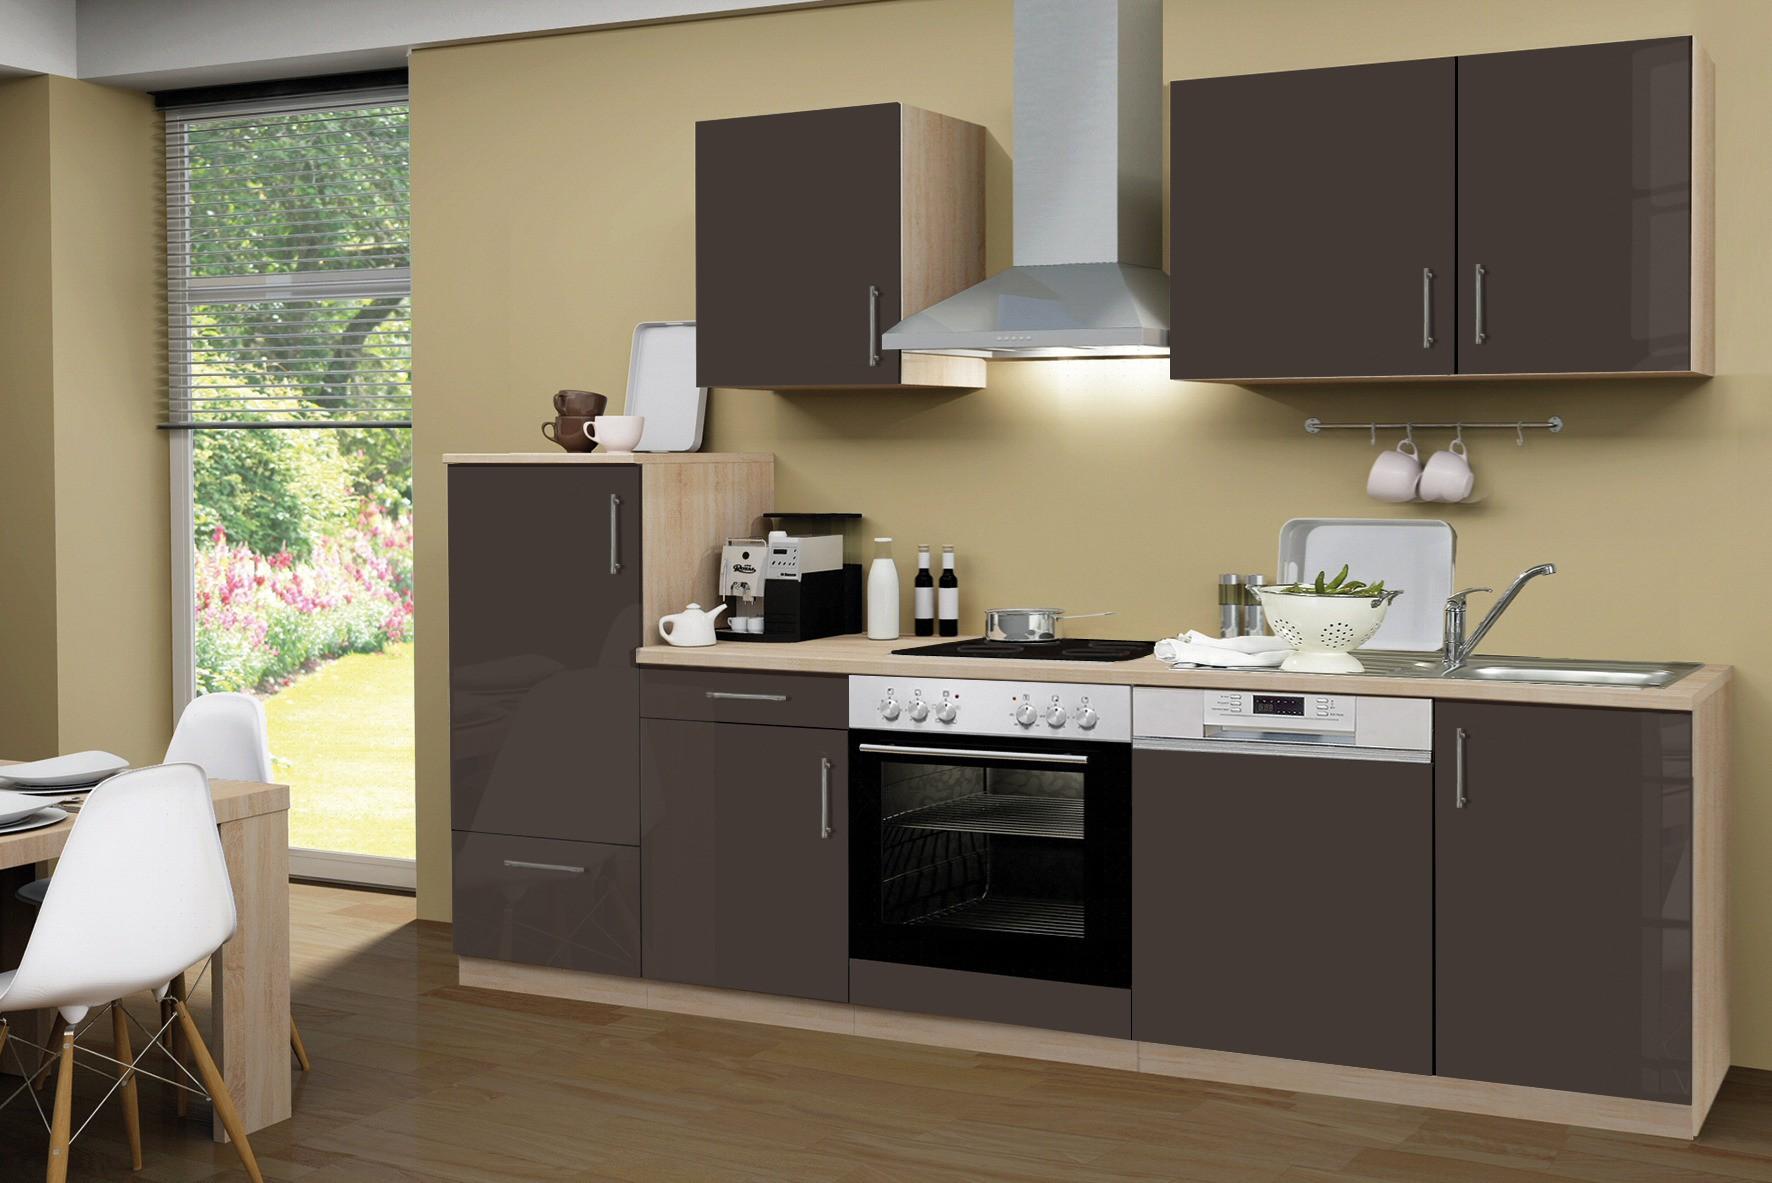 Günstige Küche Mit Elektrogeräten war tolle ideen für ihr haus ideen